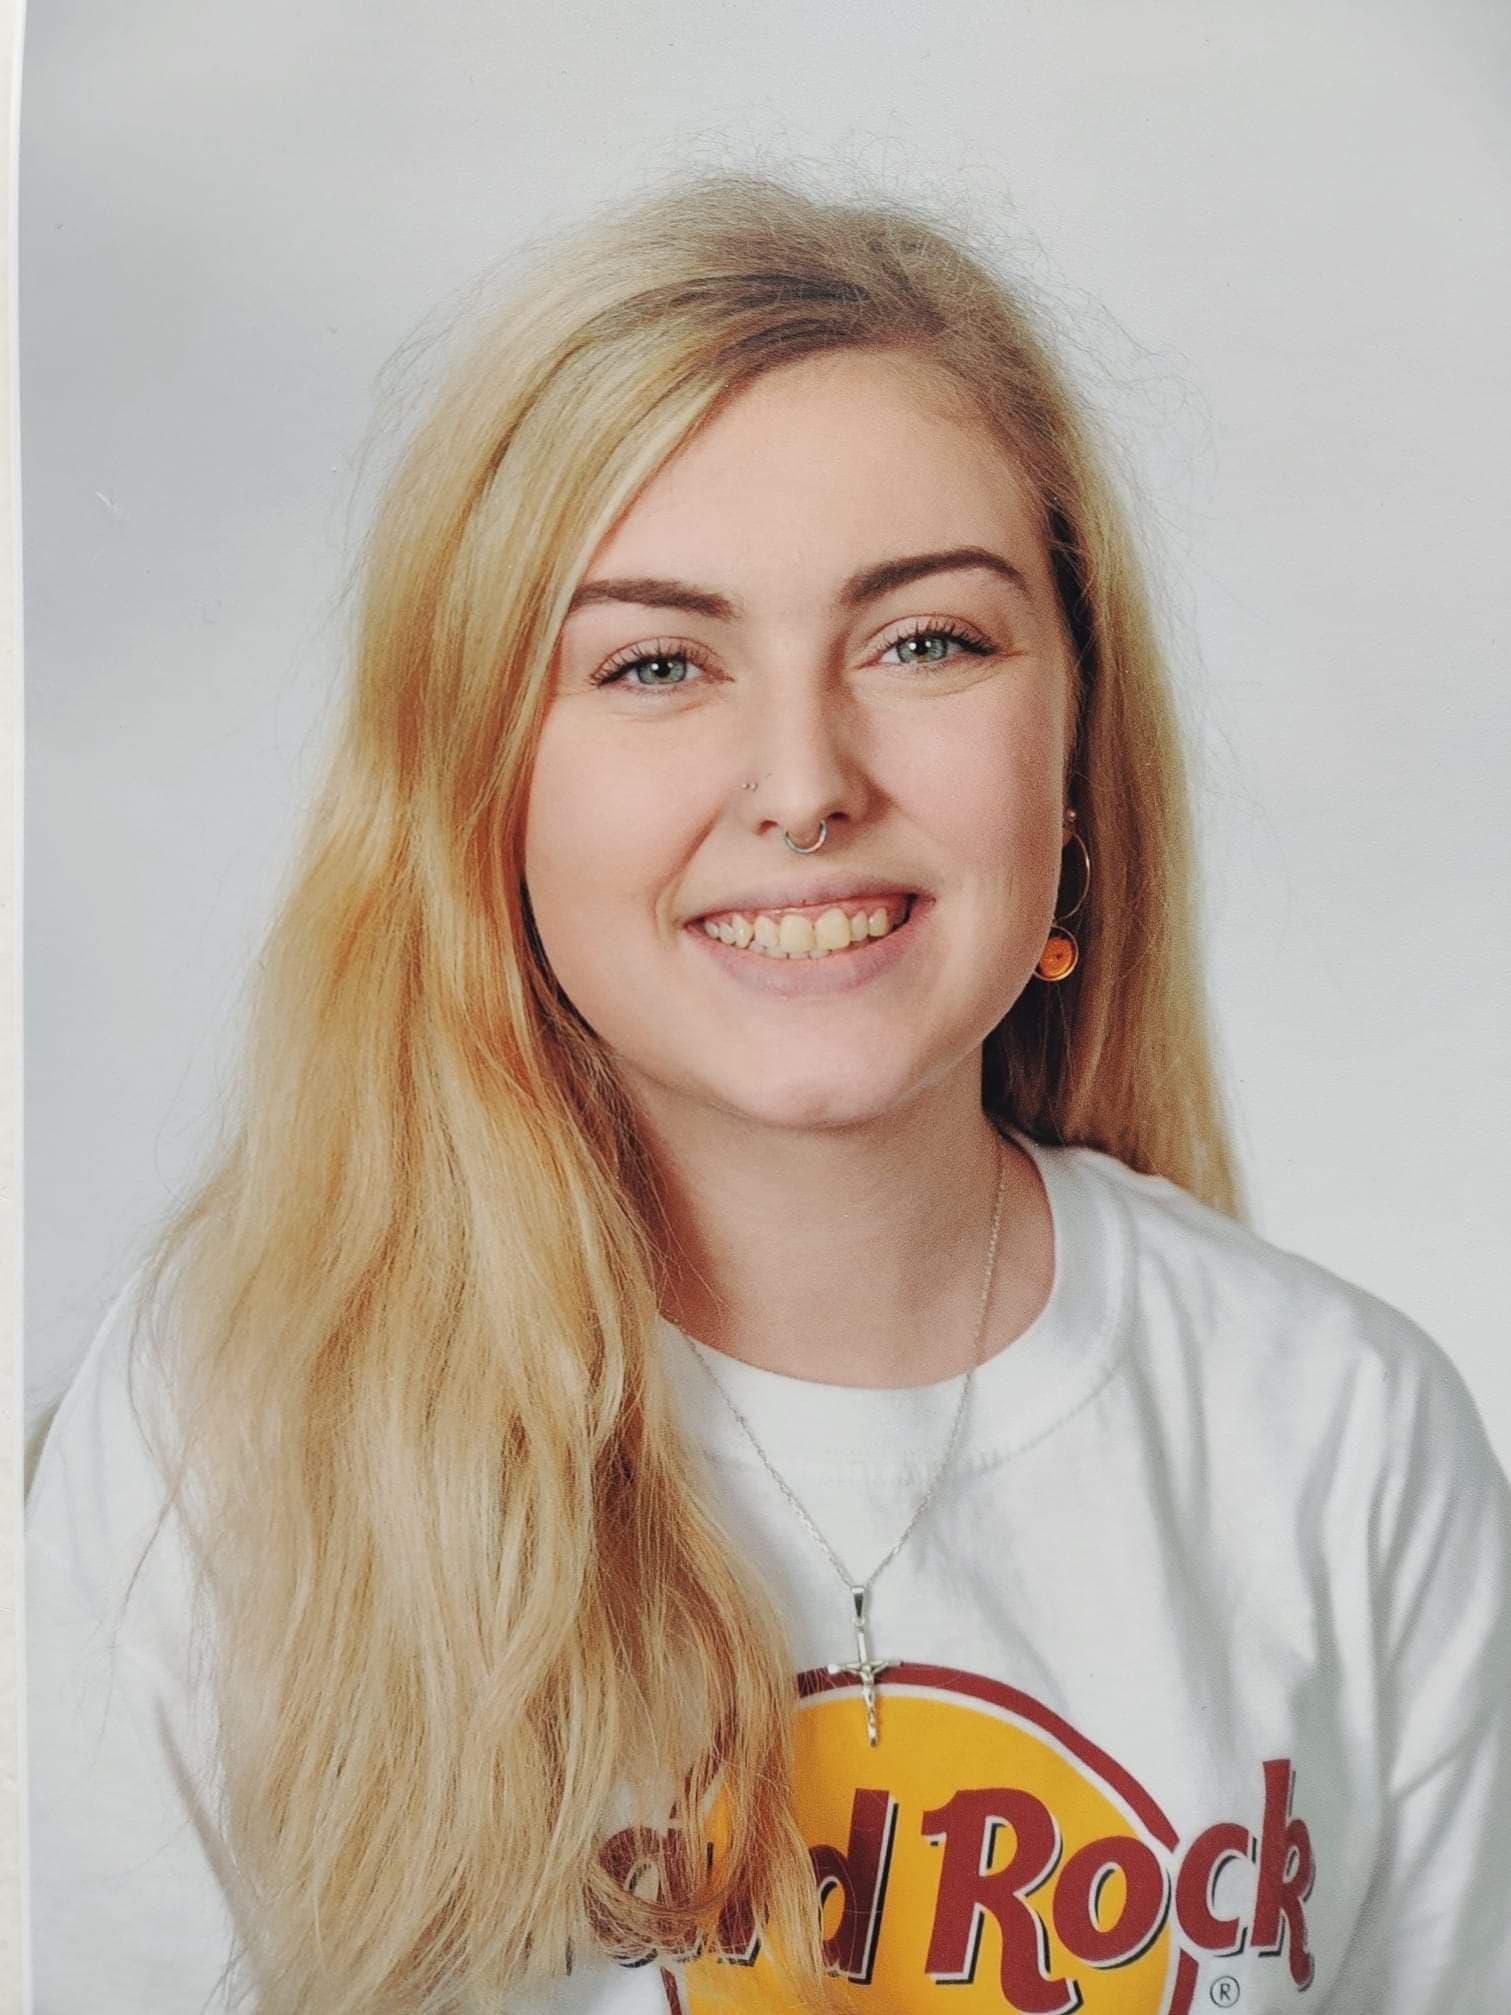 Emilie Bjerregaard Johansen